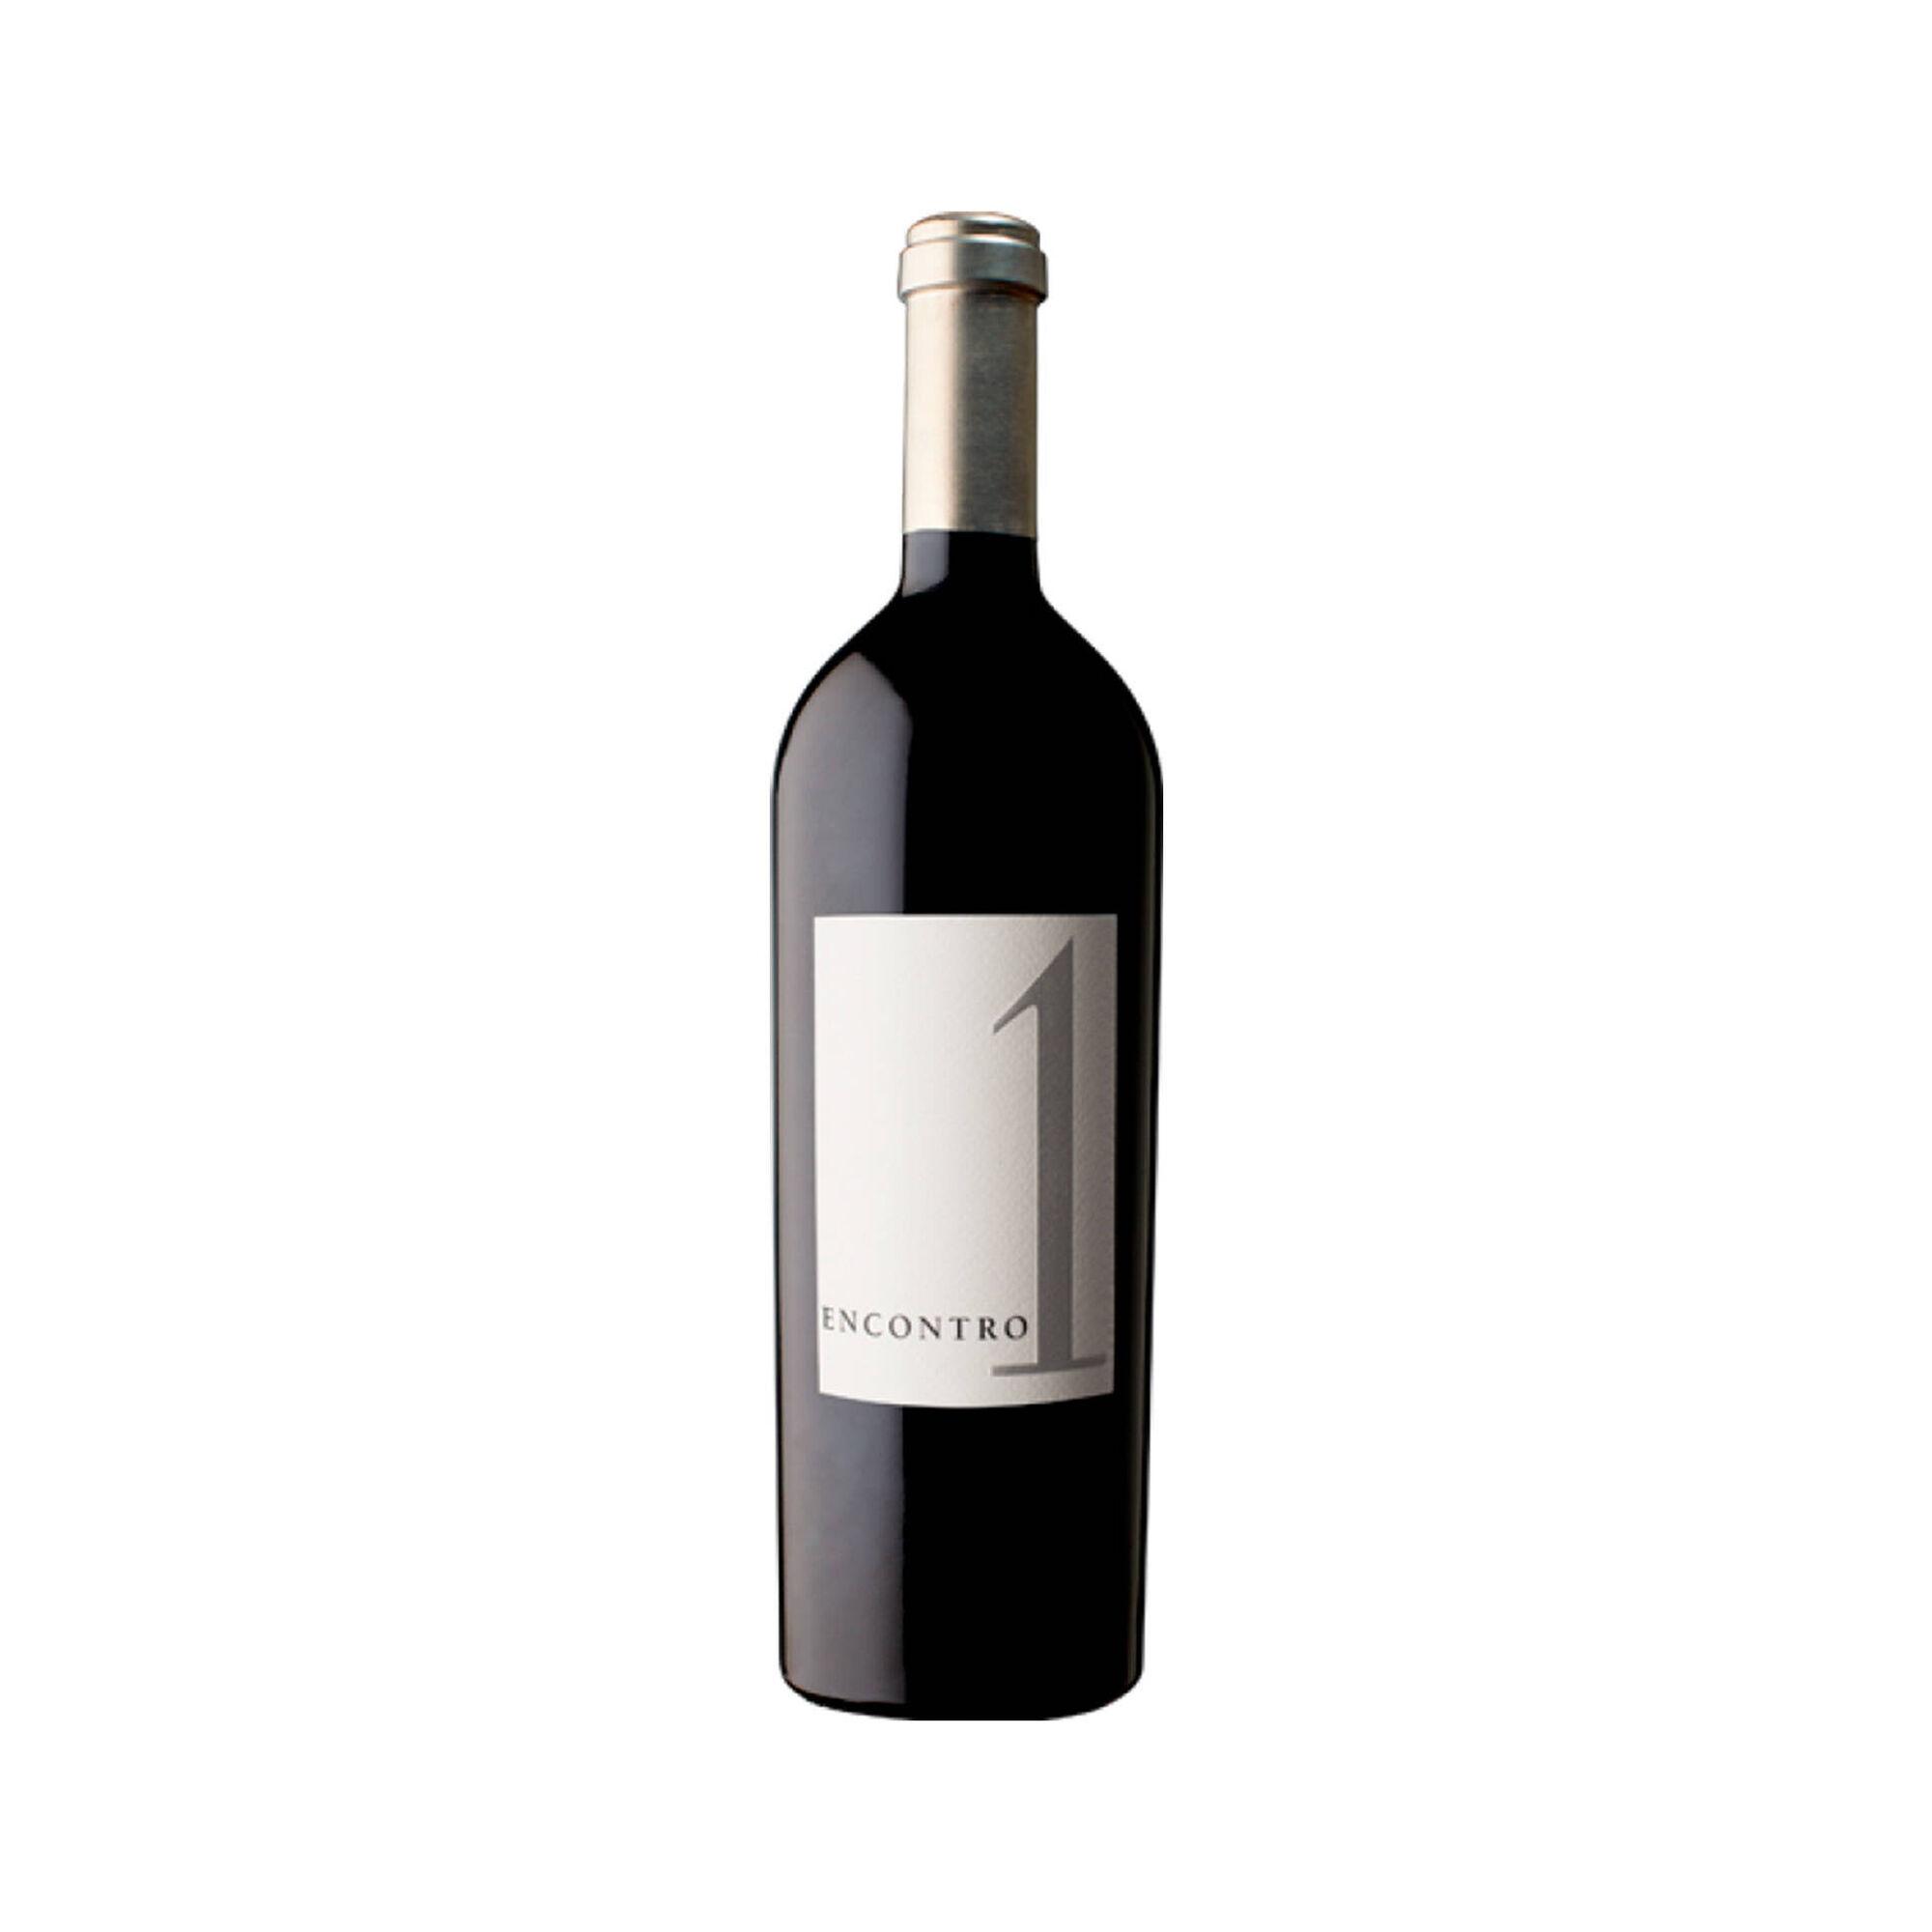 Quinta do Encontro 1 DOC Bairrada Vinho Branco